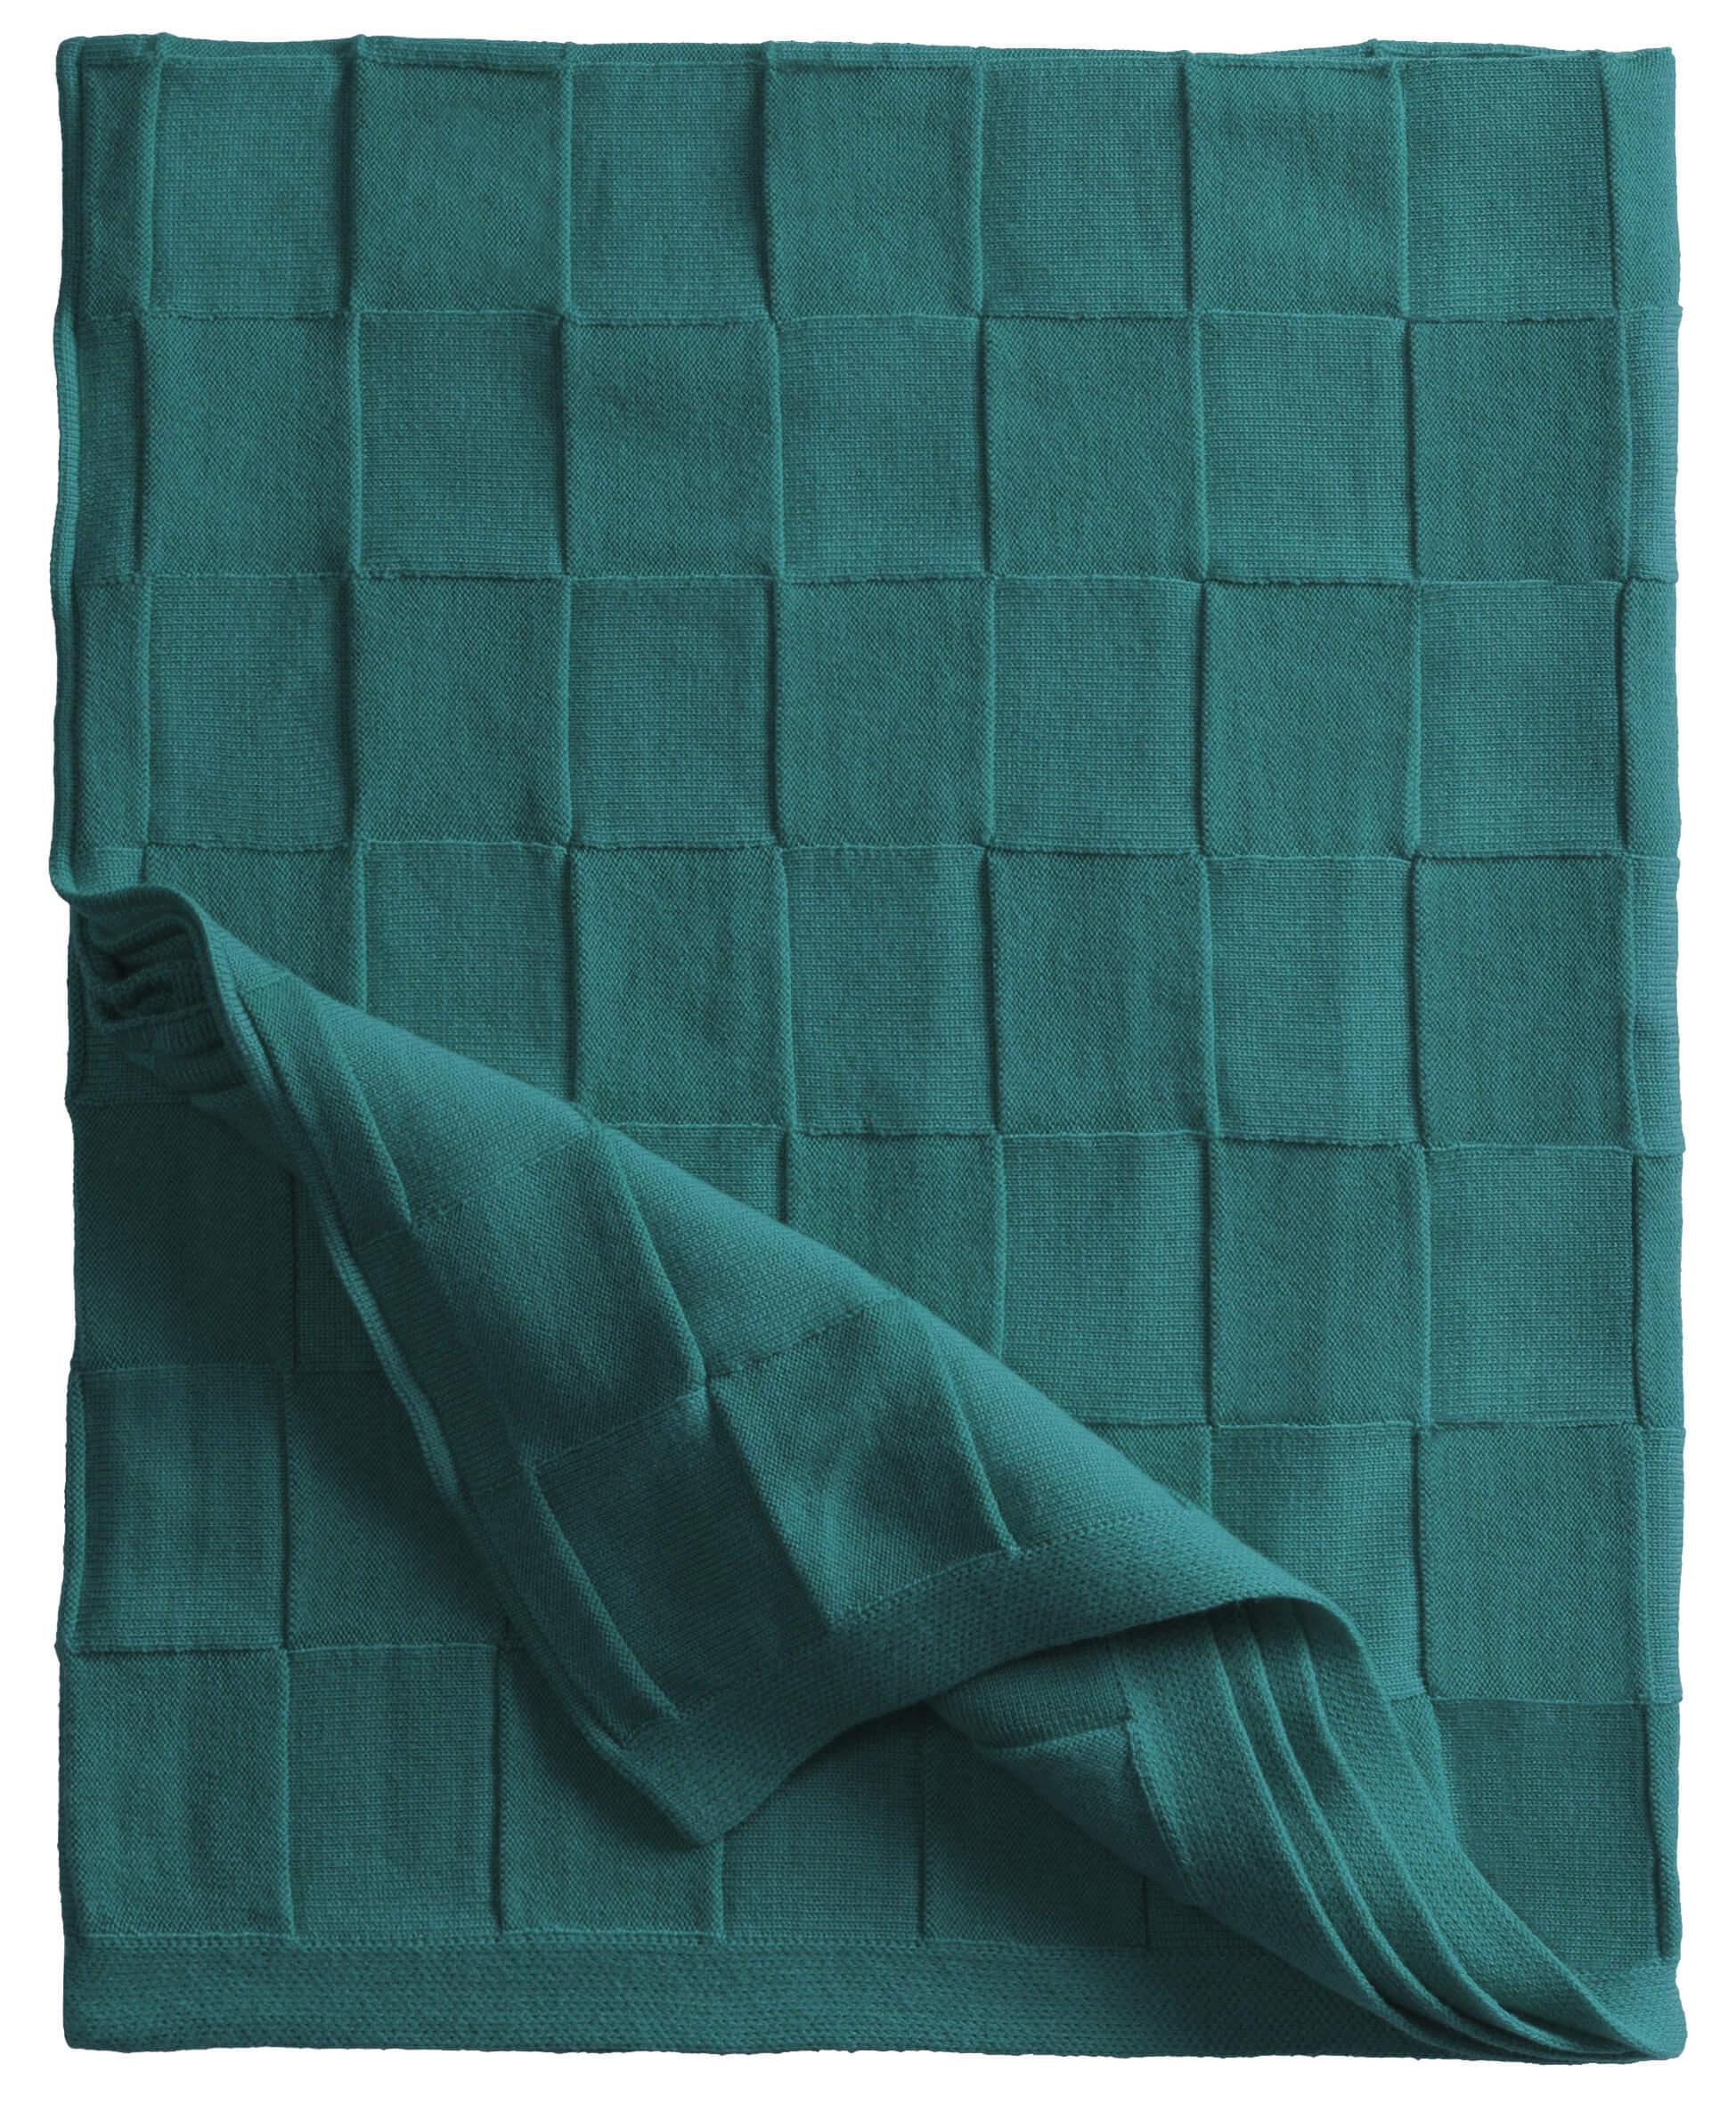 Bild von Verona1280, Variante smaragd